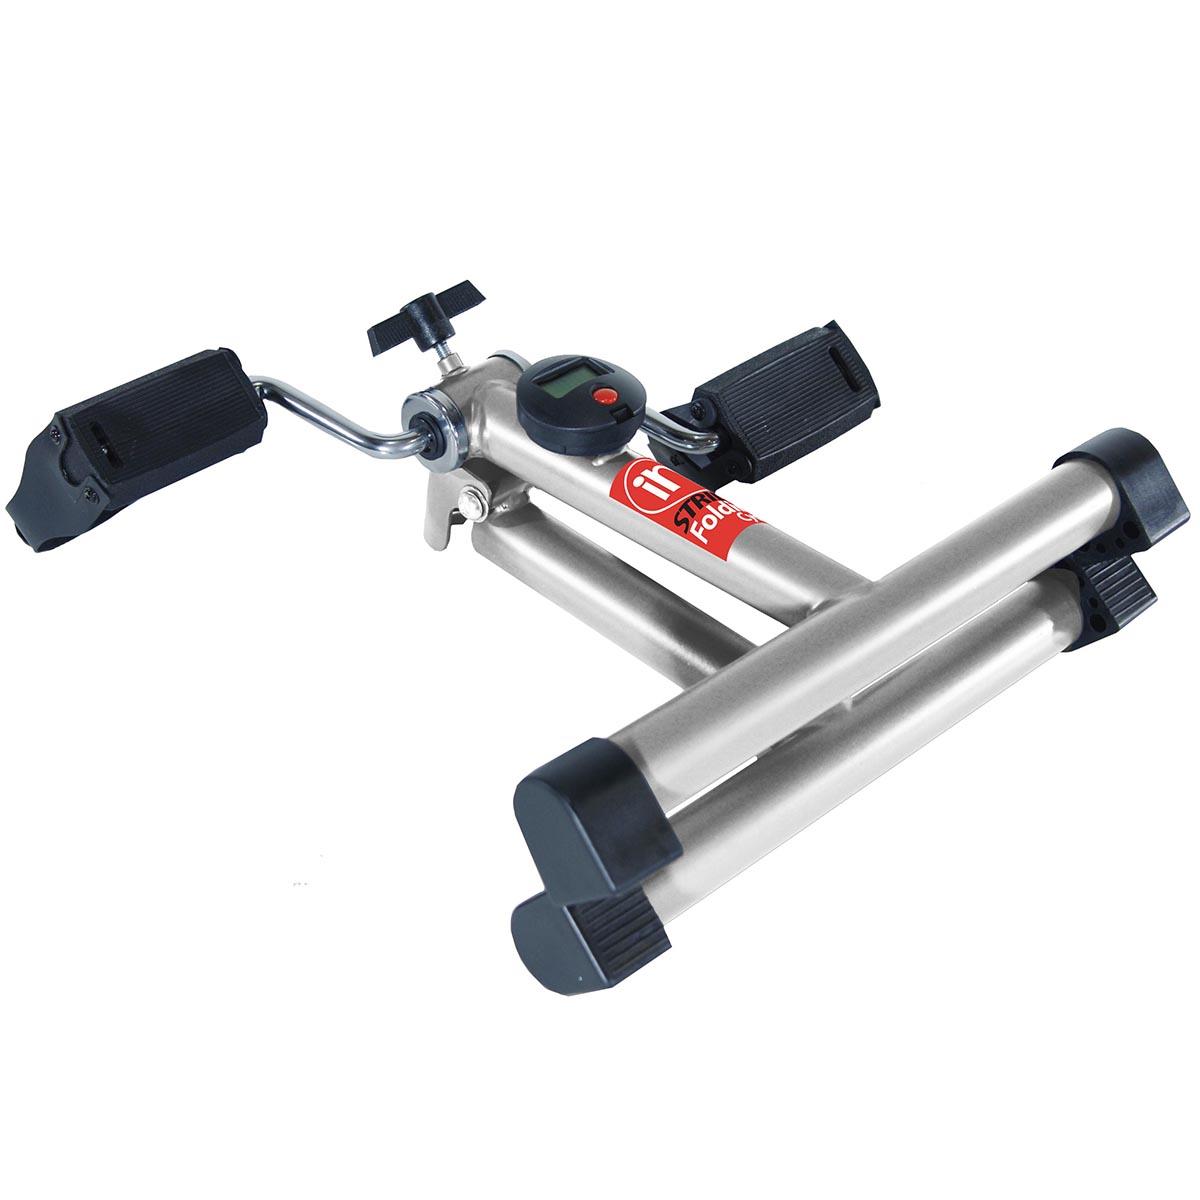 InStride Folding Cycle  Mini Peddler  Exercise Bike